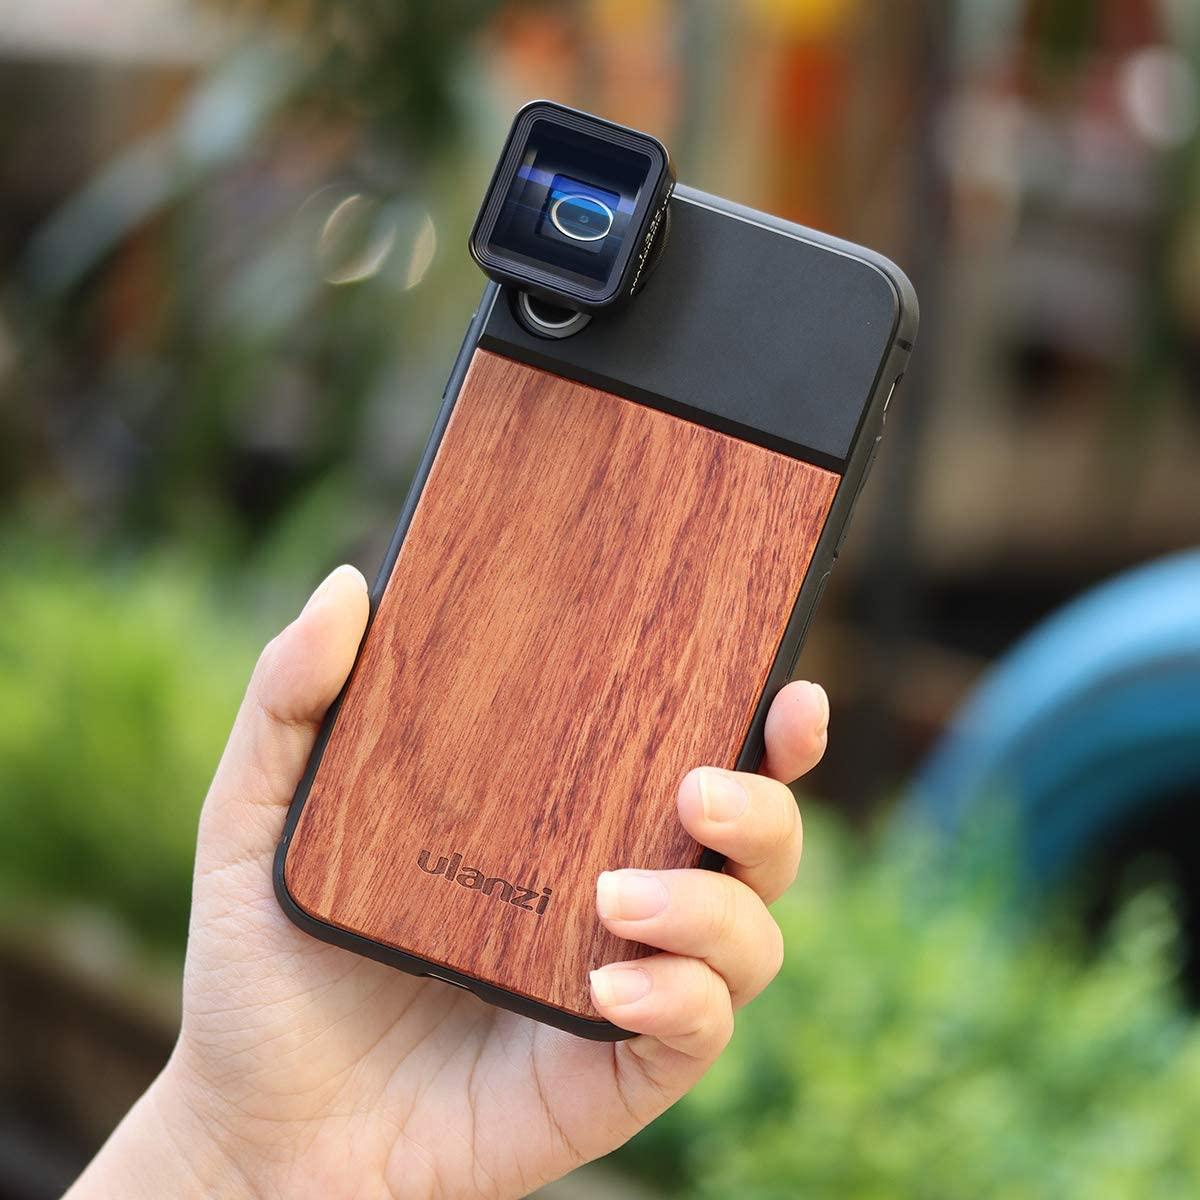 изображение Ulanzi Wood чехла для объектива на камеру iPhone 11